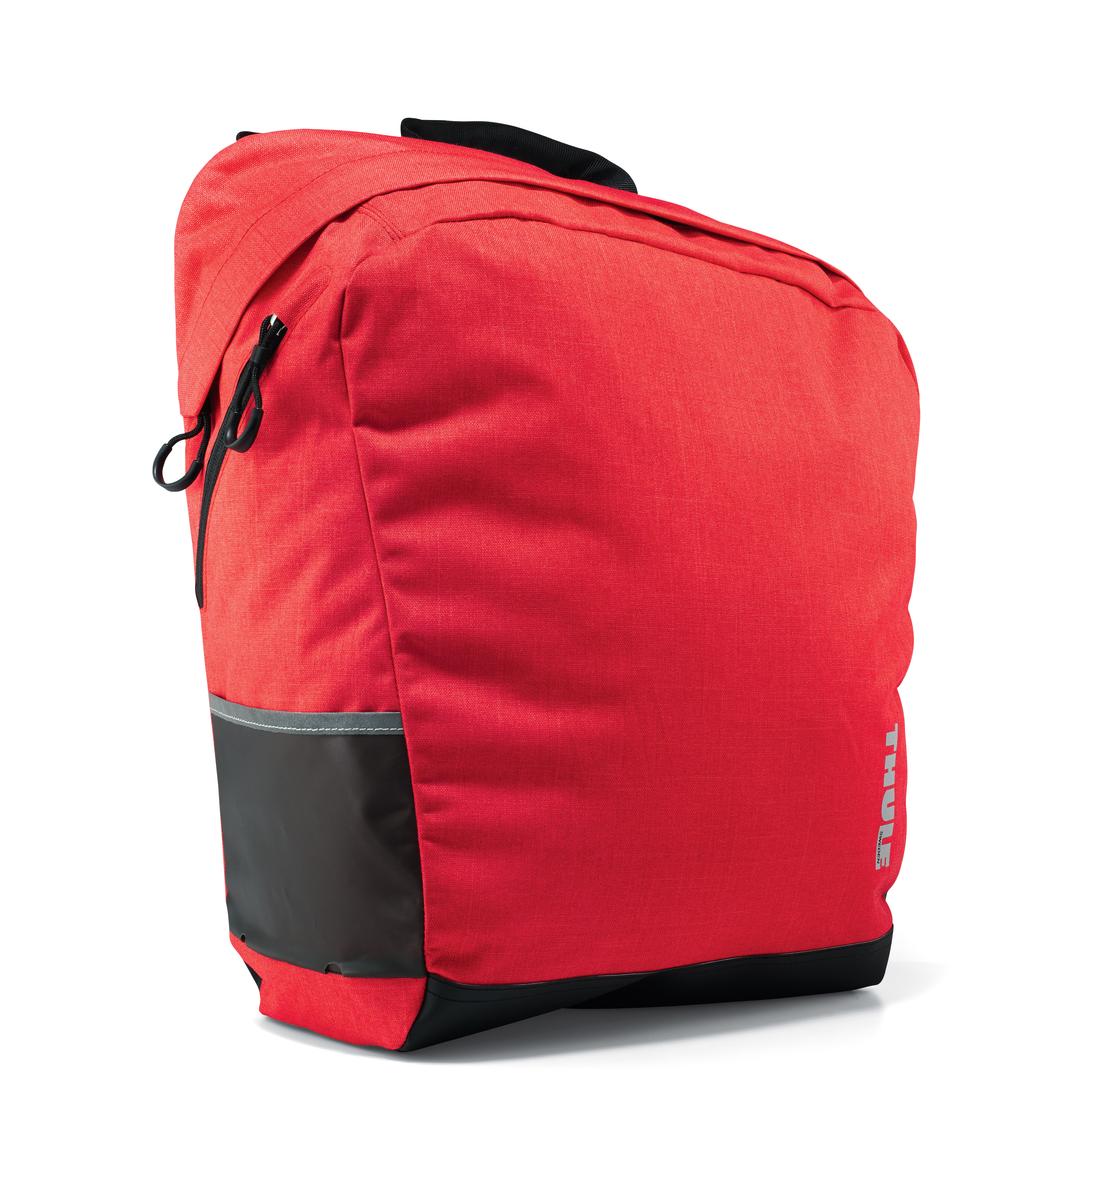 Сумка городская Thule Pack n Pedal Tote, цвет: красный, 20 x 30 x 40 см100003Велосипедная сумка в городском стиле, идея которой была навеяна сумками для переноски грузов. Легко трансформируется в повседневную сумку с удобными ручками или ремнем через плечо. Широкий проем позволяет удобно помещать внутрь крупные вещи. Крепления-невидимки легко отщелкиваются при переноске без велосипеда для максимального удобства переноски. Система крепления проста в использовании, безопасна и имеет малый уровень вибрации. Внешние прозрачные кармашки обеспечивают использование аварийного фонаря и хранение его в одном удобном месте. Боковой сетчатый карман для небольших предметов. Светоотражающие полоски повышают заметность на дороге. Встроенные ручки и отстегиваемый ремень для ношения через плечо обеспечивают несколько вариантов переноски. Устанавливается с любой стороны велосипеда. Лучше всего подходит для багажников Thule, но может использоваться практически с любым велосипедным багажником.Гид по велоаксессуарам. Статья OZON Гид